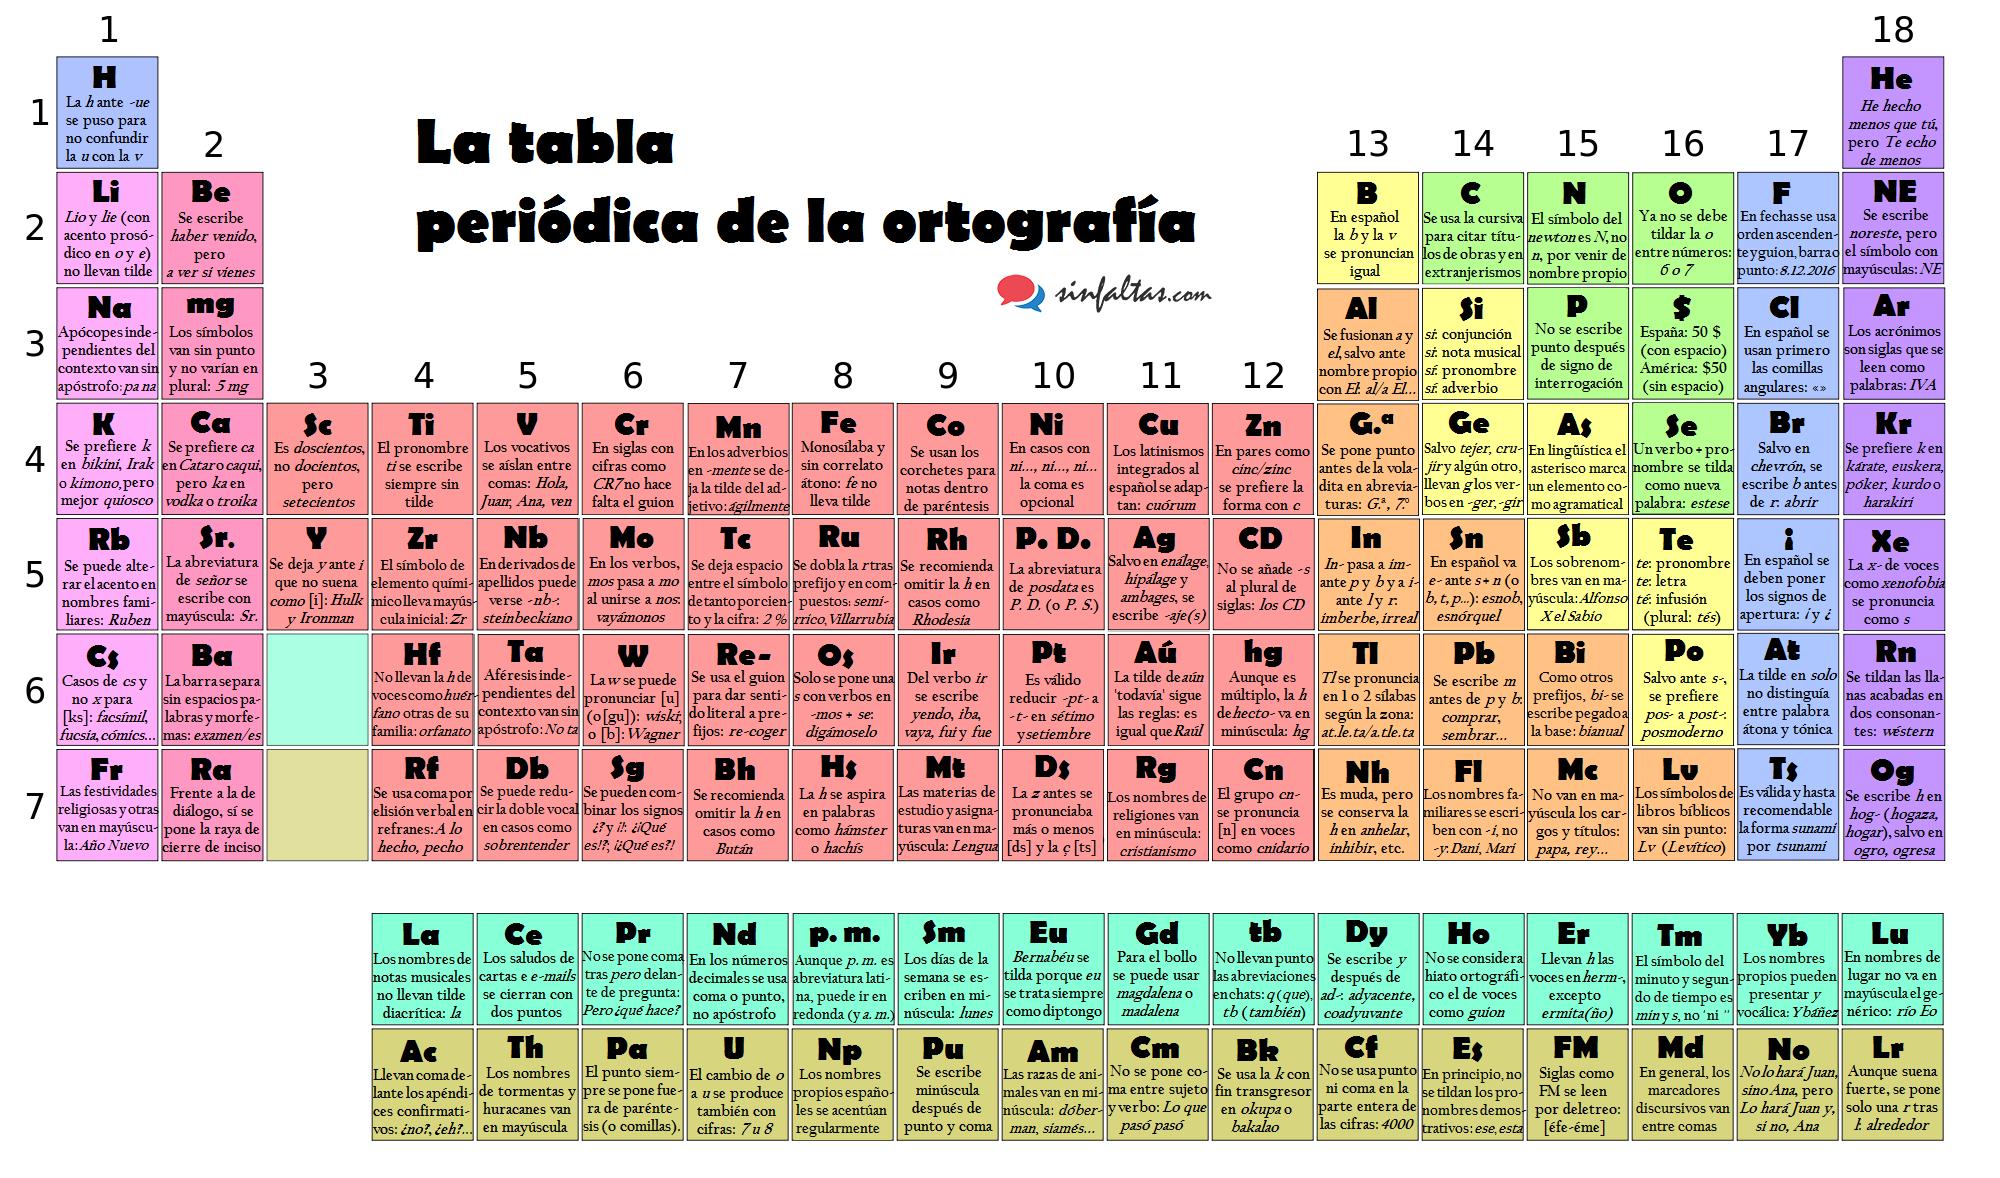 Una tabla peridica para consultar dudas ortogrficas verne el pas mira aqu en detalle todos los elementos de esta tabla peridica de ortografa urtaz Images